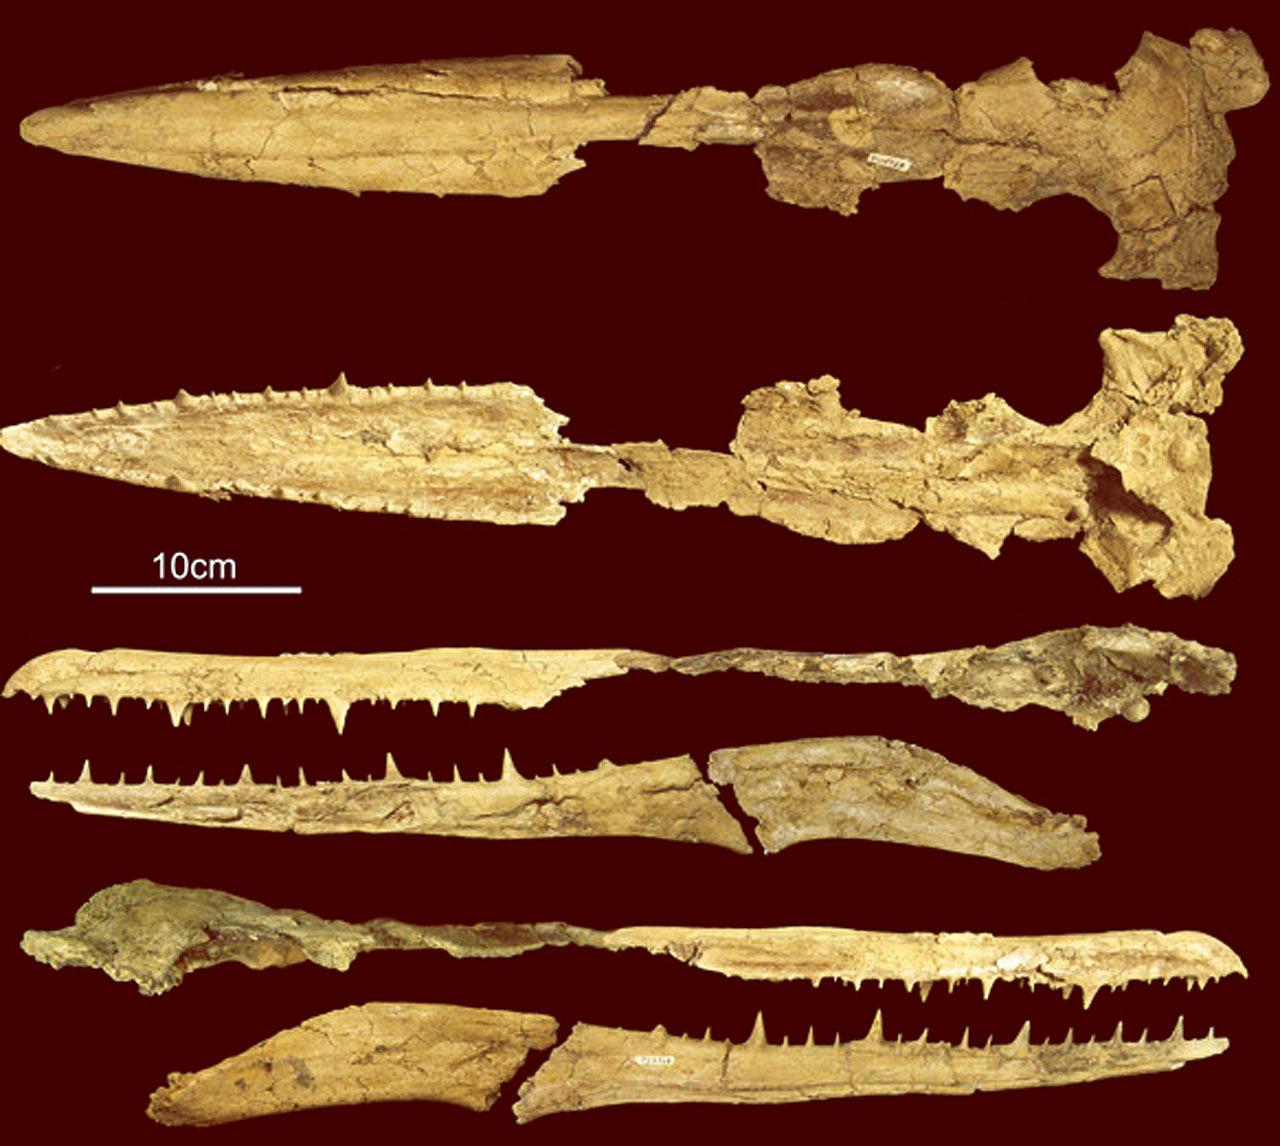 最大的飞行海鸟出现在2500万年前——桑氏伪齿鸟Pelagornis sandersi化石